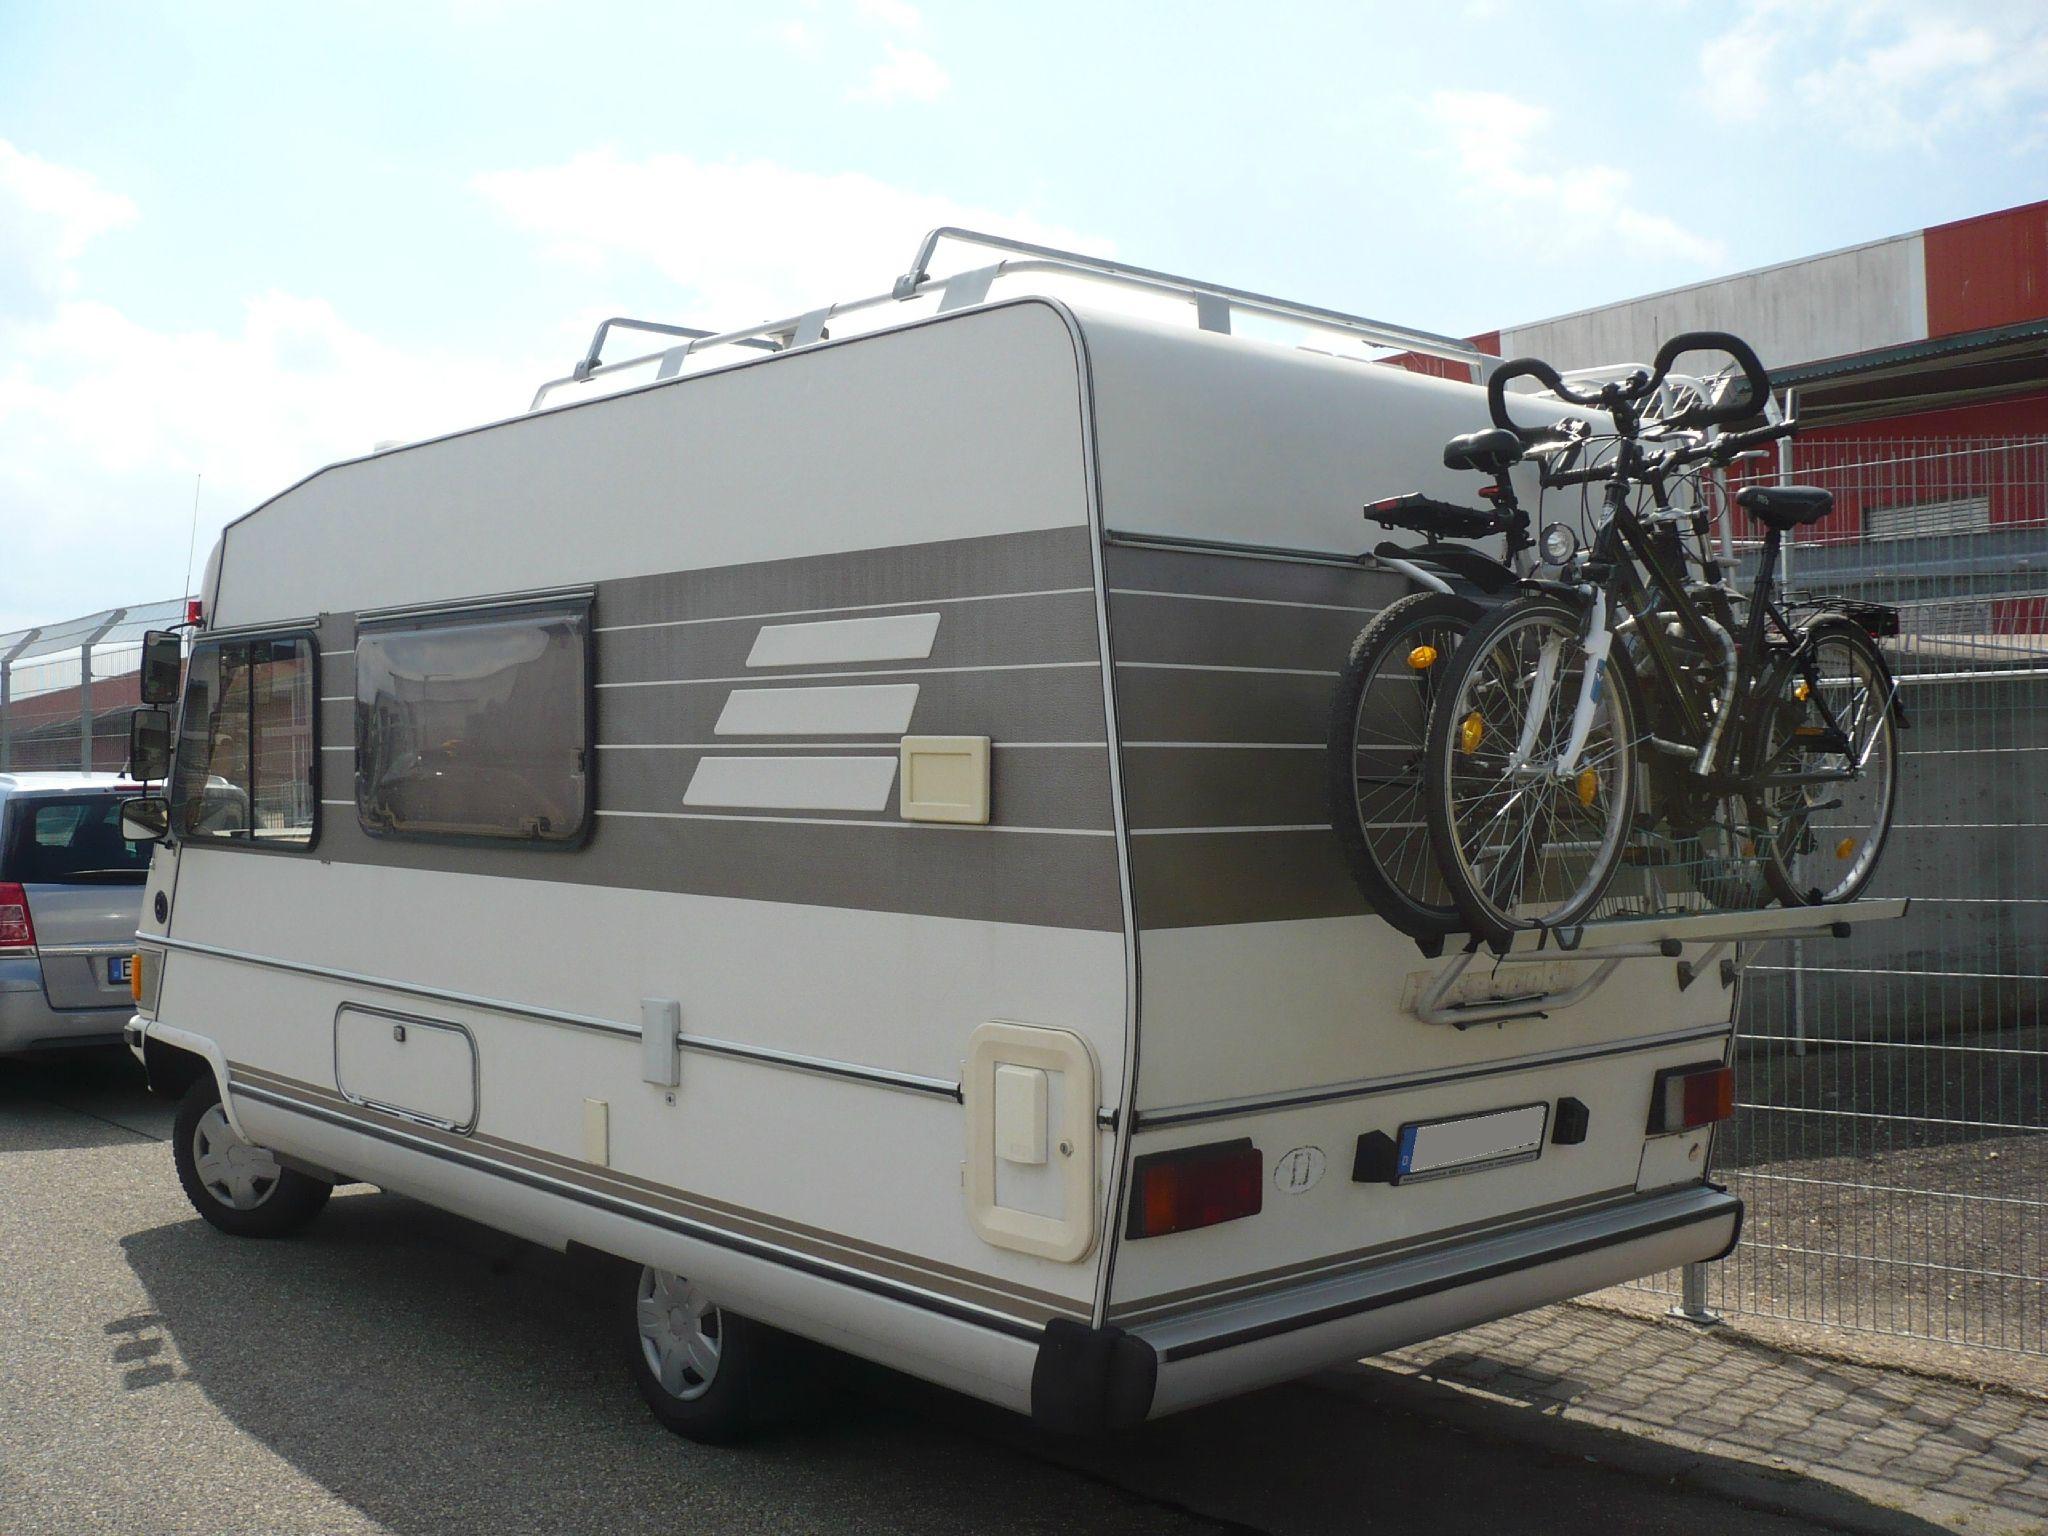 peugeot j5 hymermobil camping car kamperen pinterest peugeot et fourgon. Black Bedroom Furniture Sets. Home Design Ideas